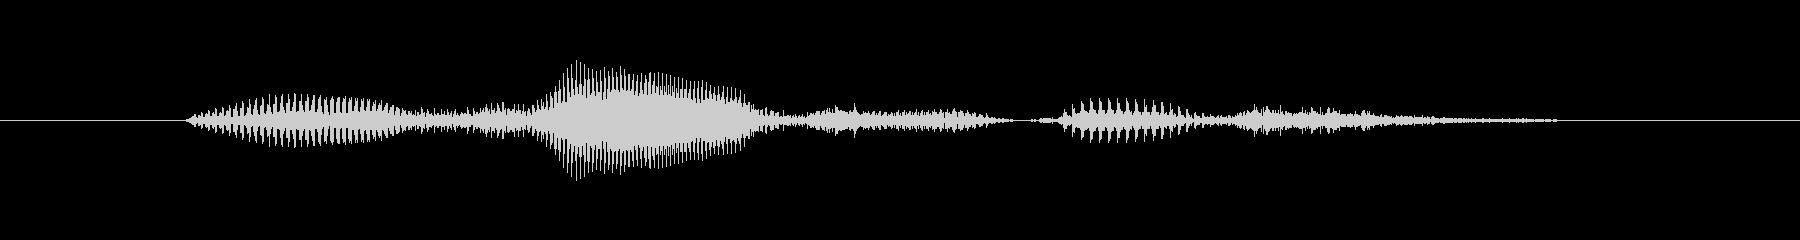 【時報・時間】20時ですの未再生の波形